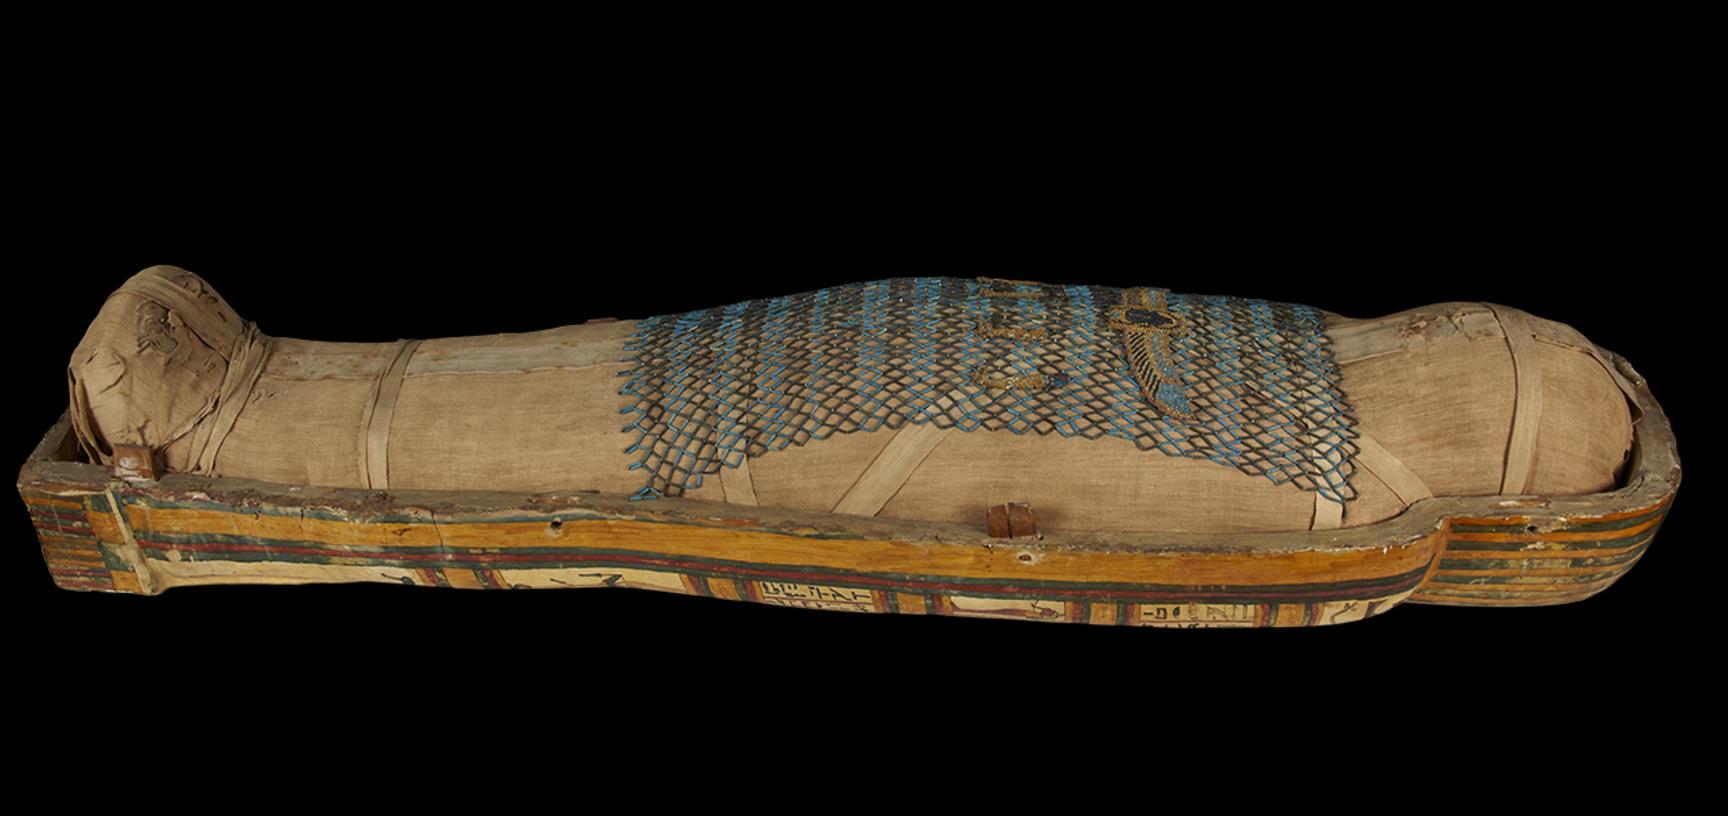 Djed-djehuty-iuef-ankh mummy